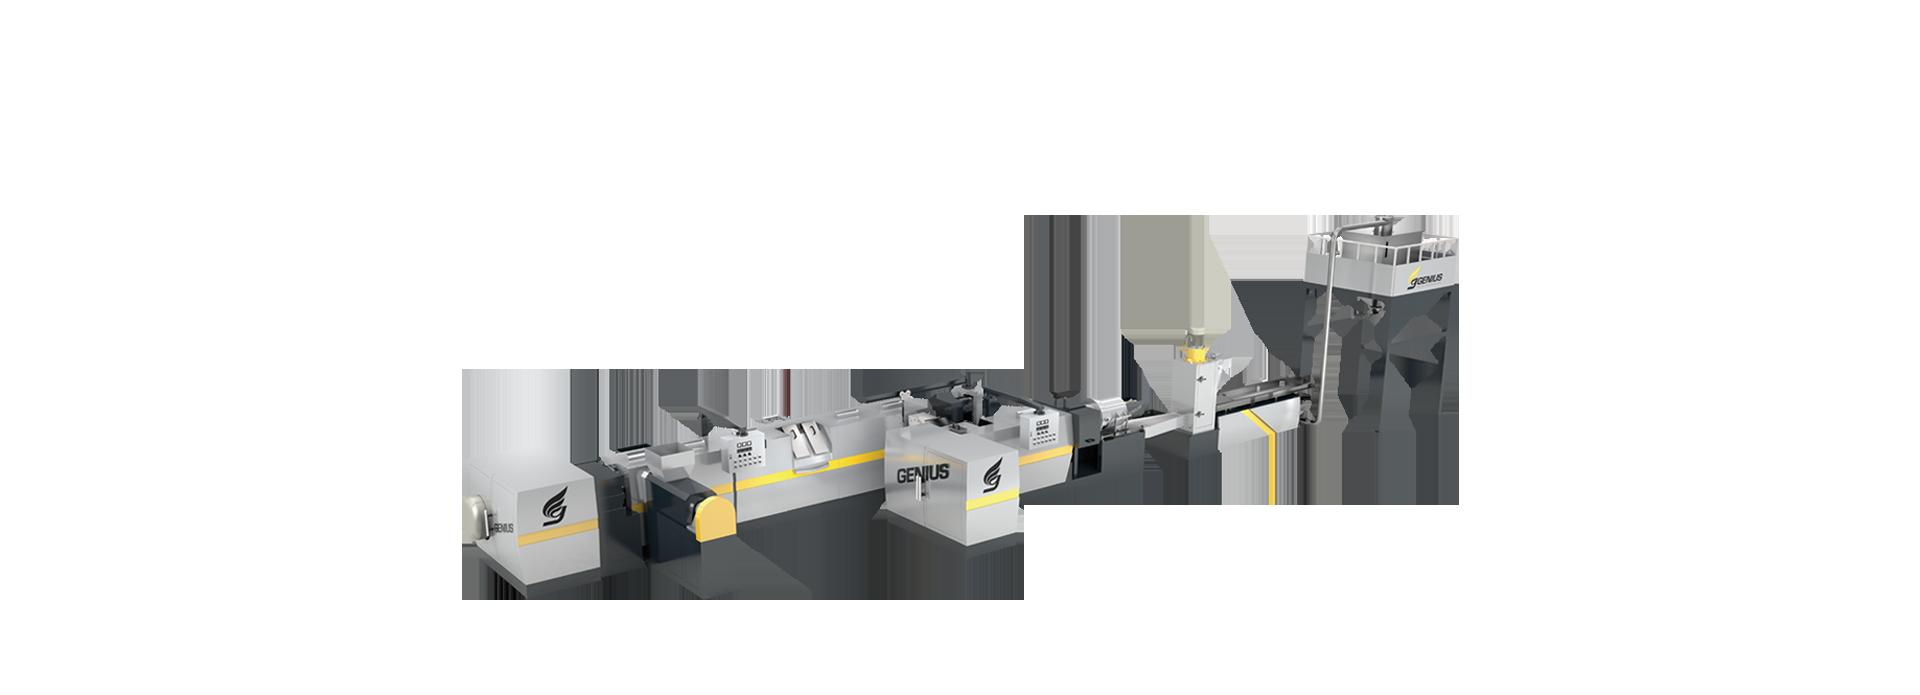 強制サイドフィードツーステージプラスチックリサイクル造粒機